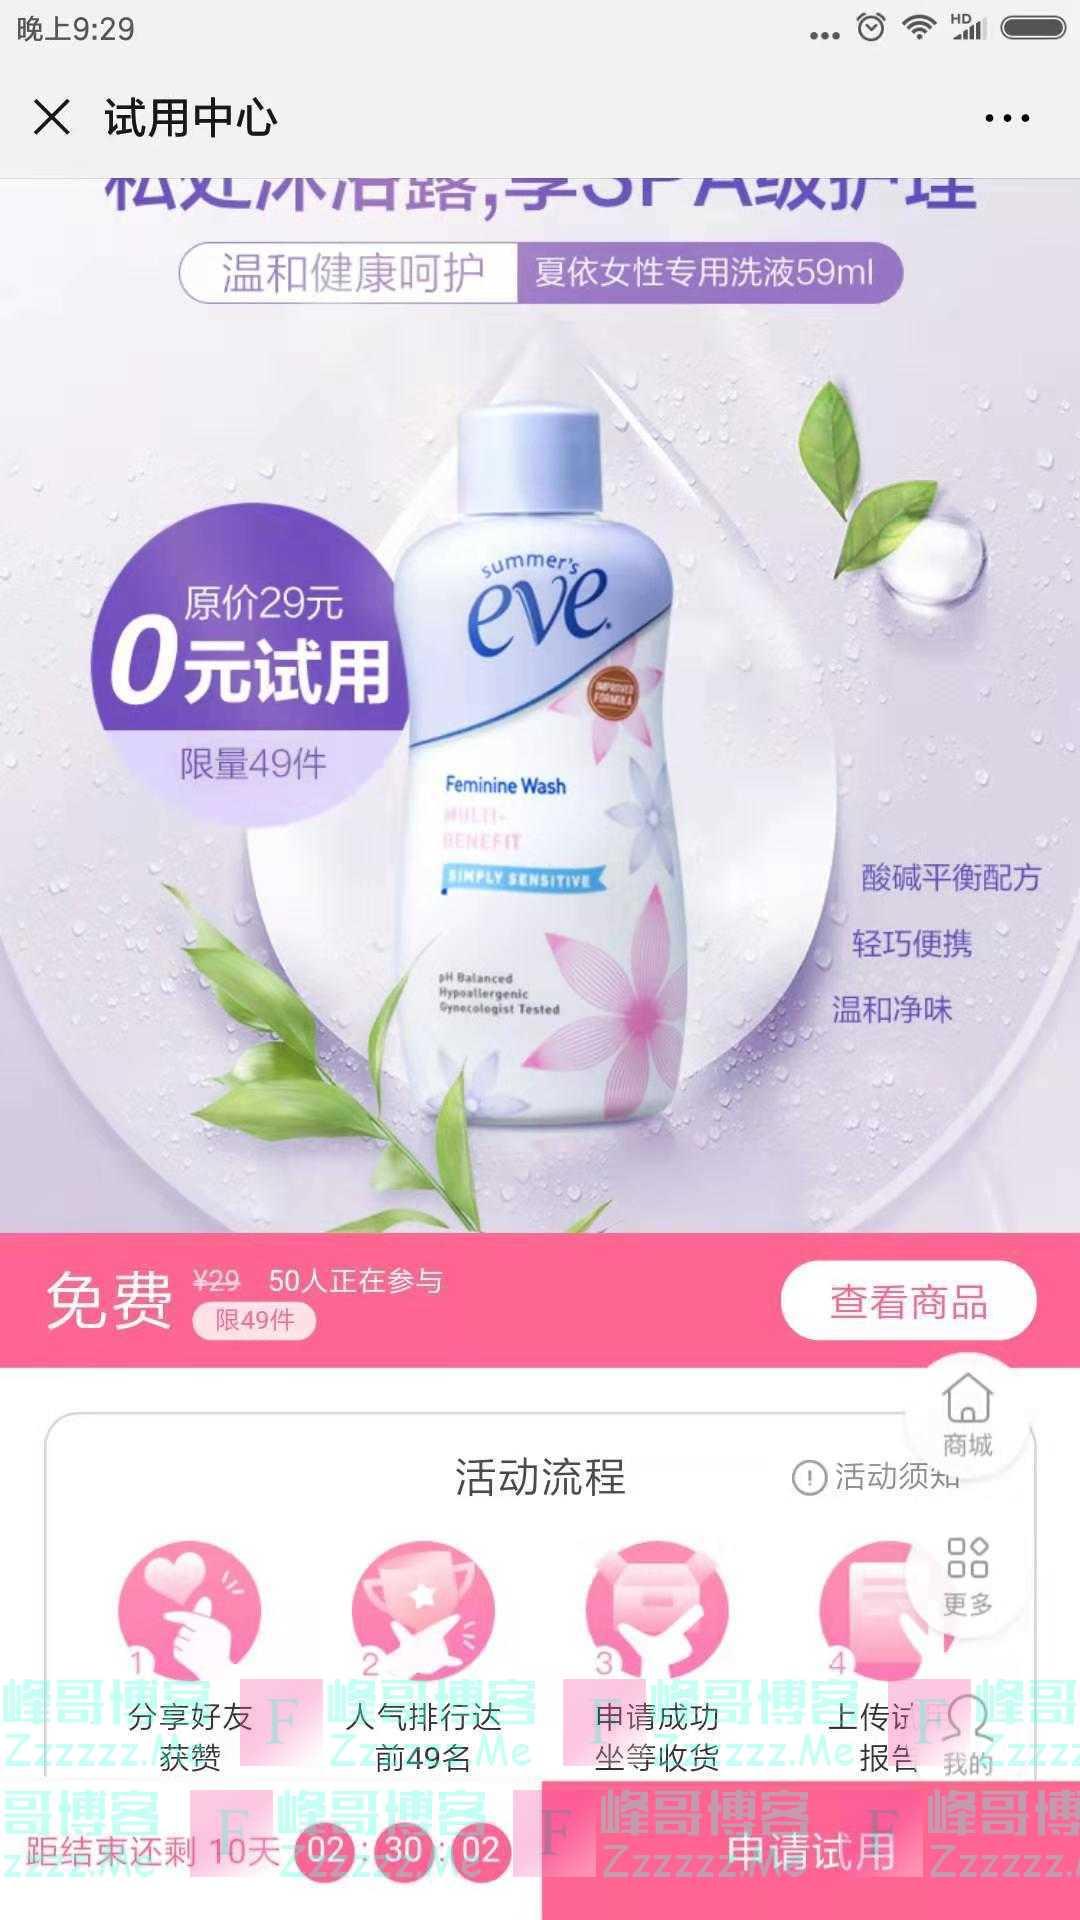 屈臣氏福利社夏依女性专用洗液免费试用(截止11月25日)